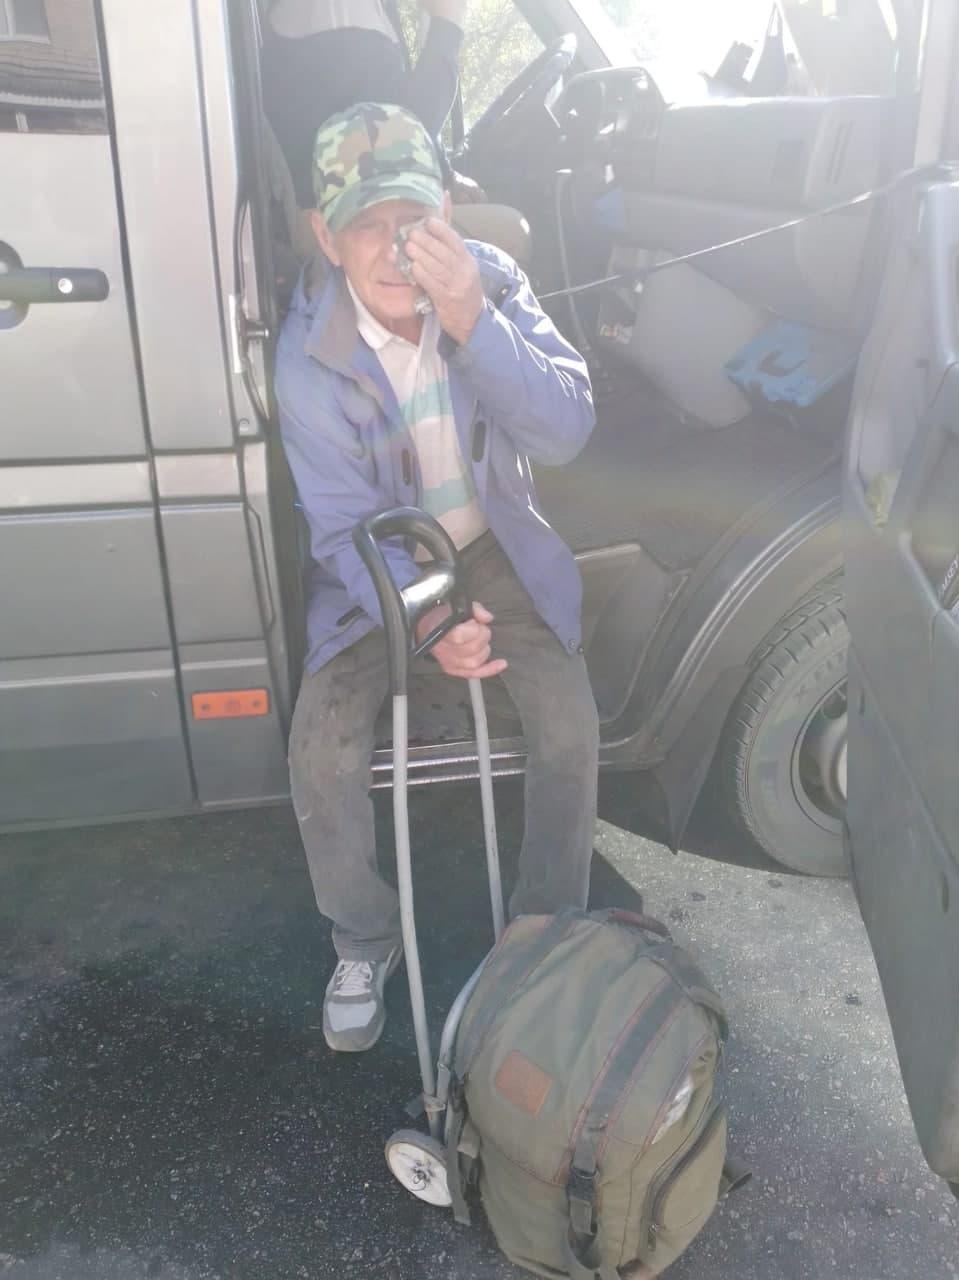 Обматерил и ударил дверью по голове: в Запорожье маршрутчик набросился на пенсионера (видео)